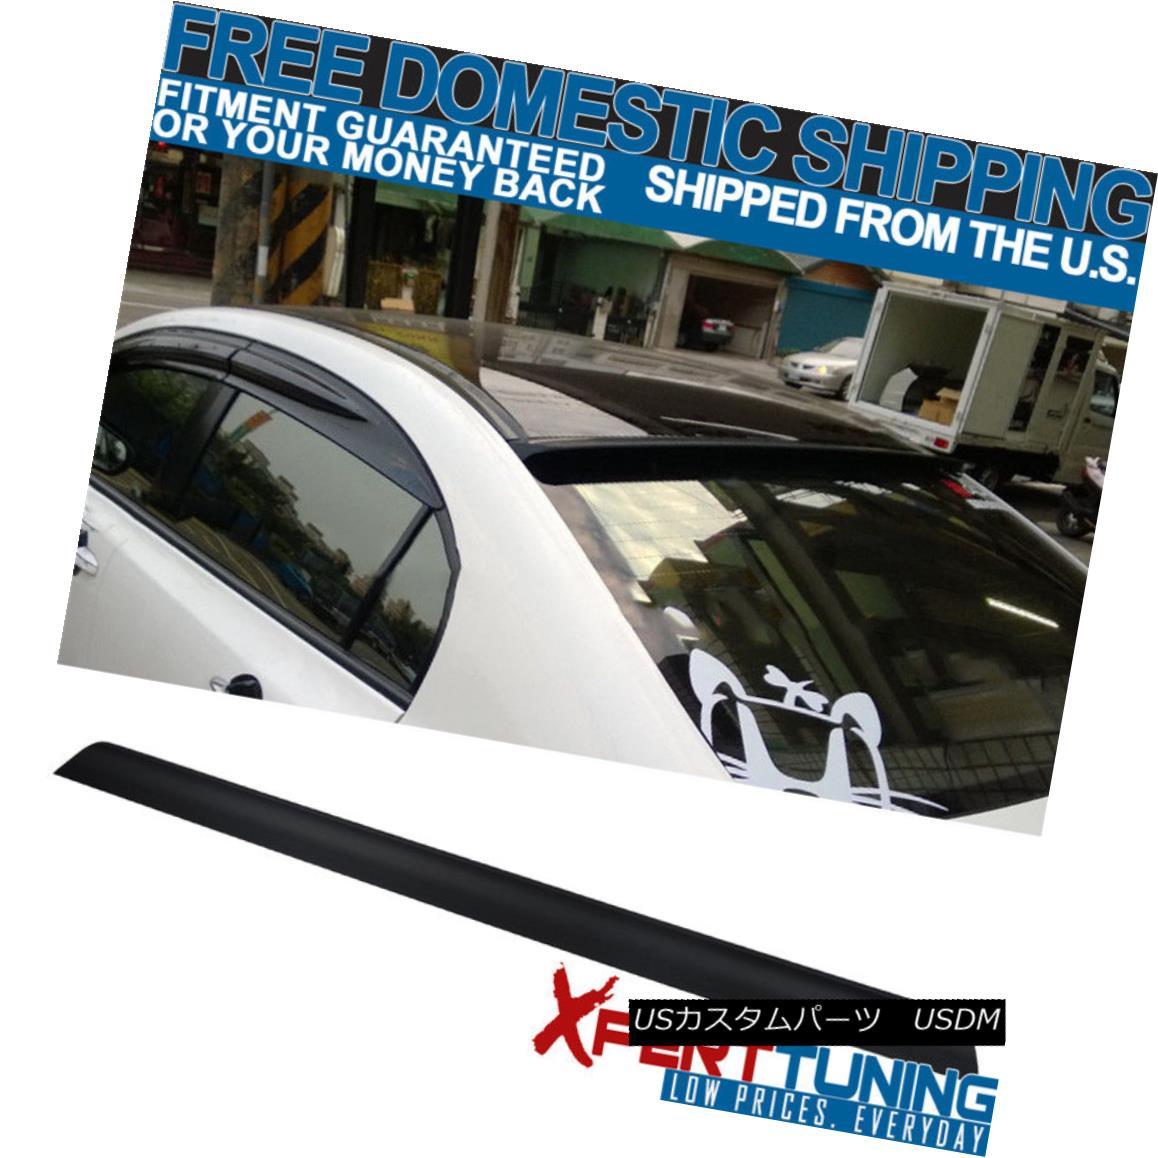 エアロパーツ Fit For 06-10 Ford Fusion 4Dr Unpainted PU Flexible Rear Roof Spoiler 6~10フォードフュージョン4Dr未塗装PUフレキシブルリアルーフスポイラー